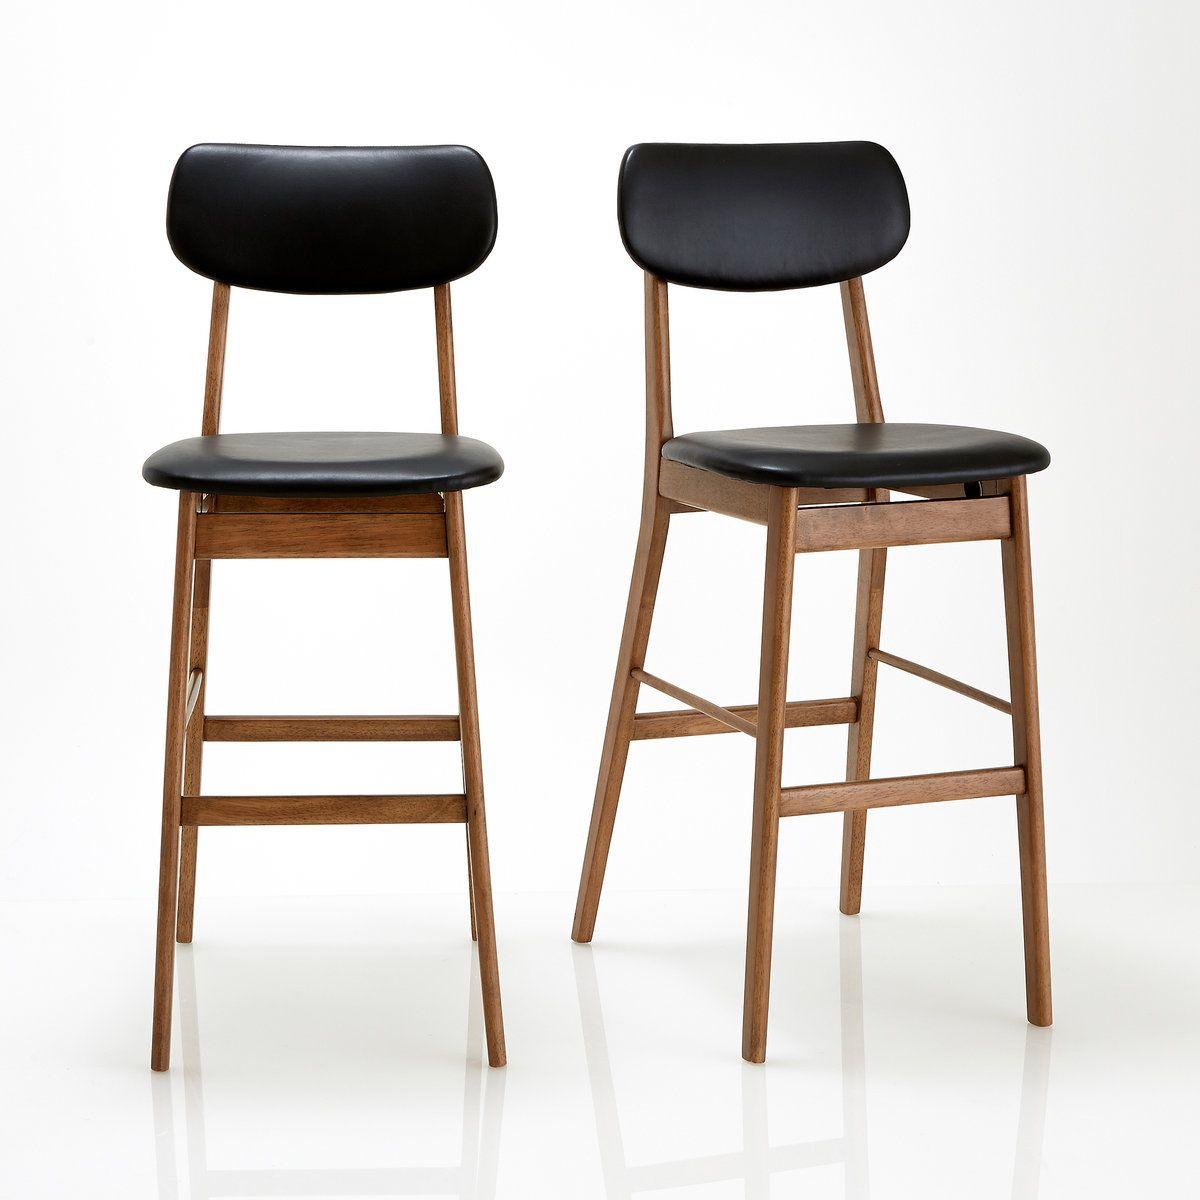 Meubles, déco Tables et chaises Chaise, tabouret, banc